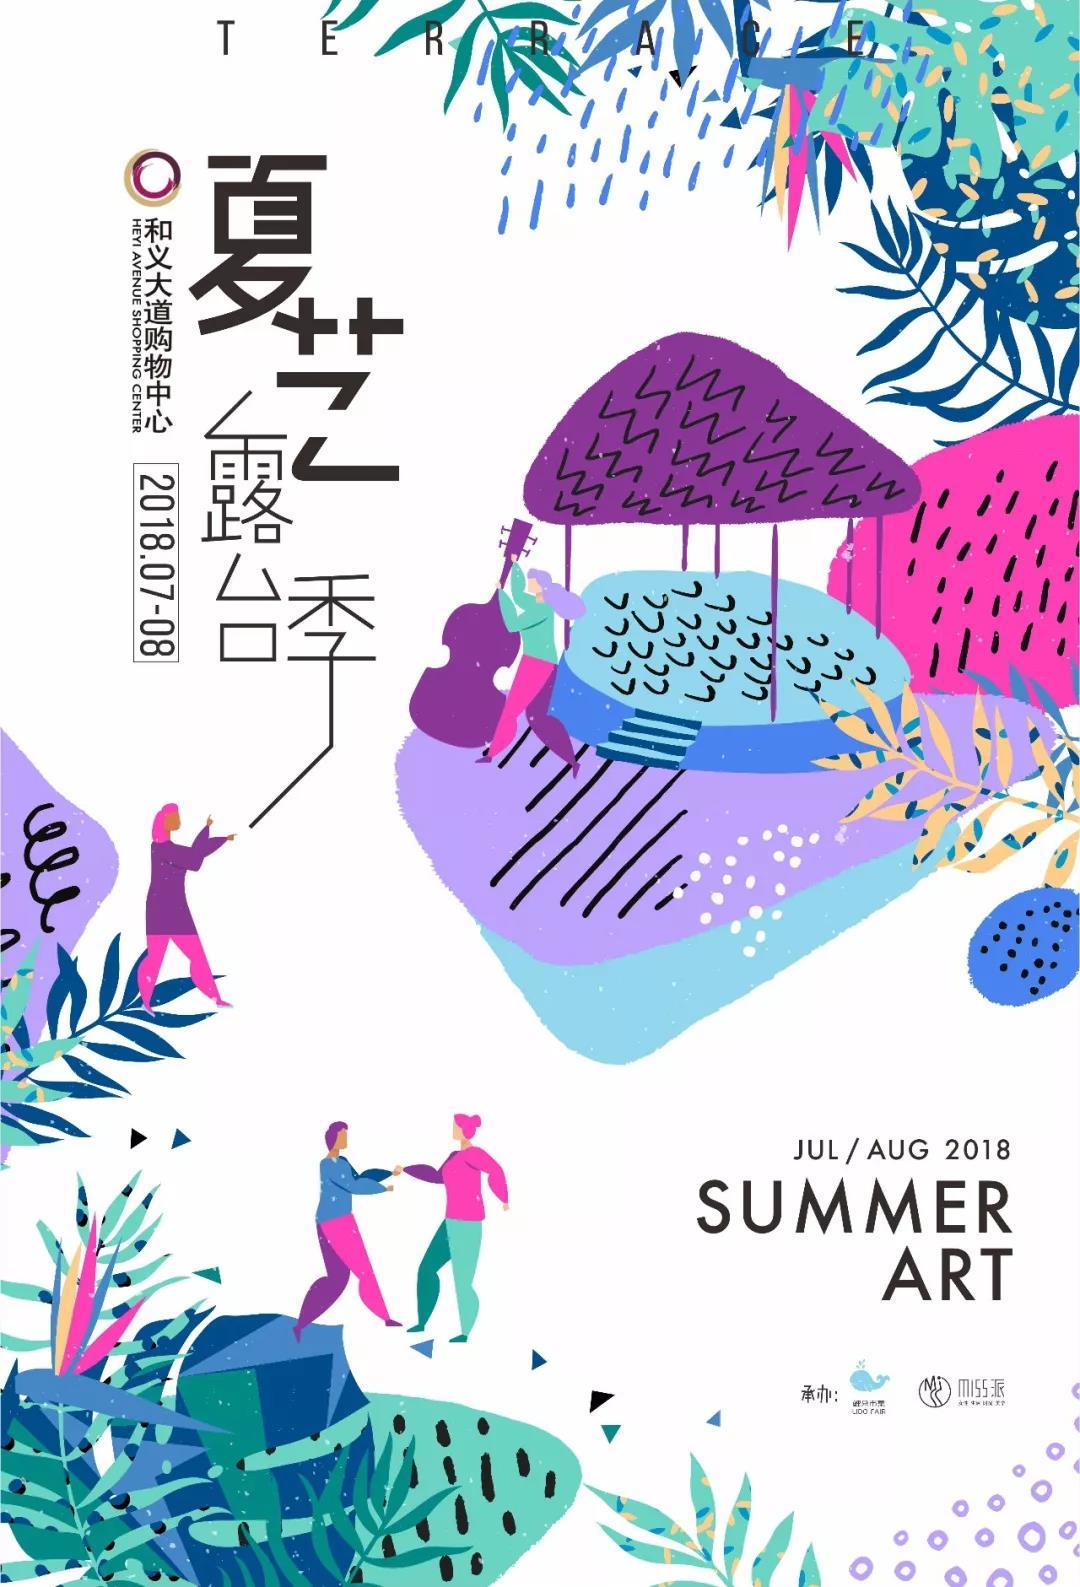 和义大道市集预告   市集加音乐的露台边,品尝夏天的100种快乐